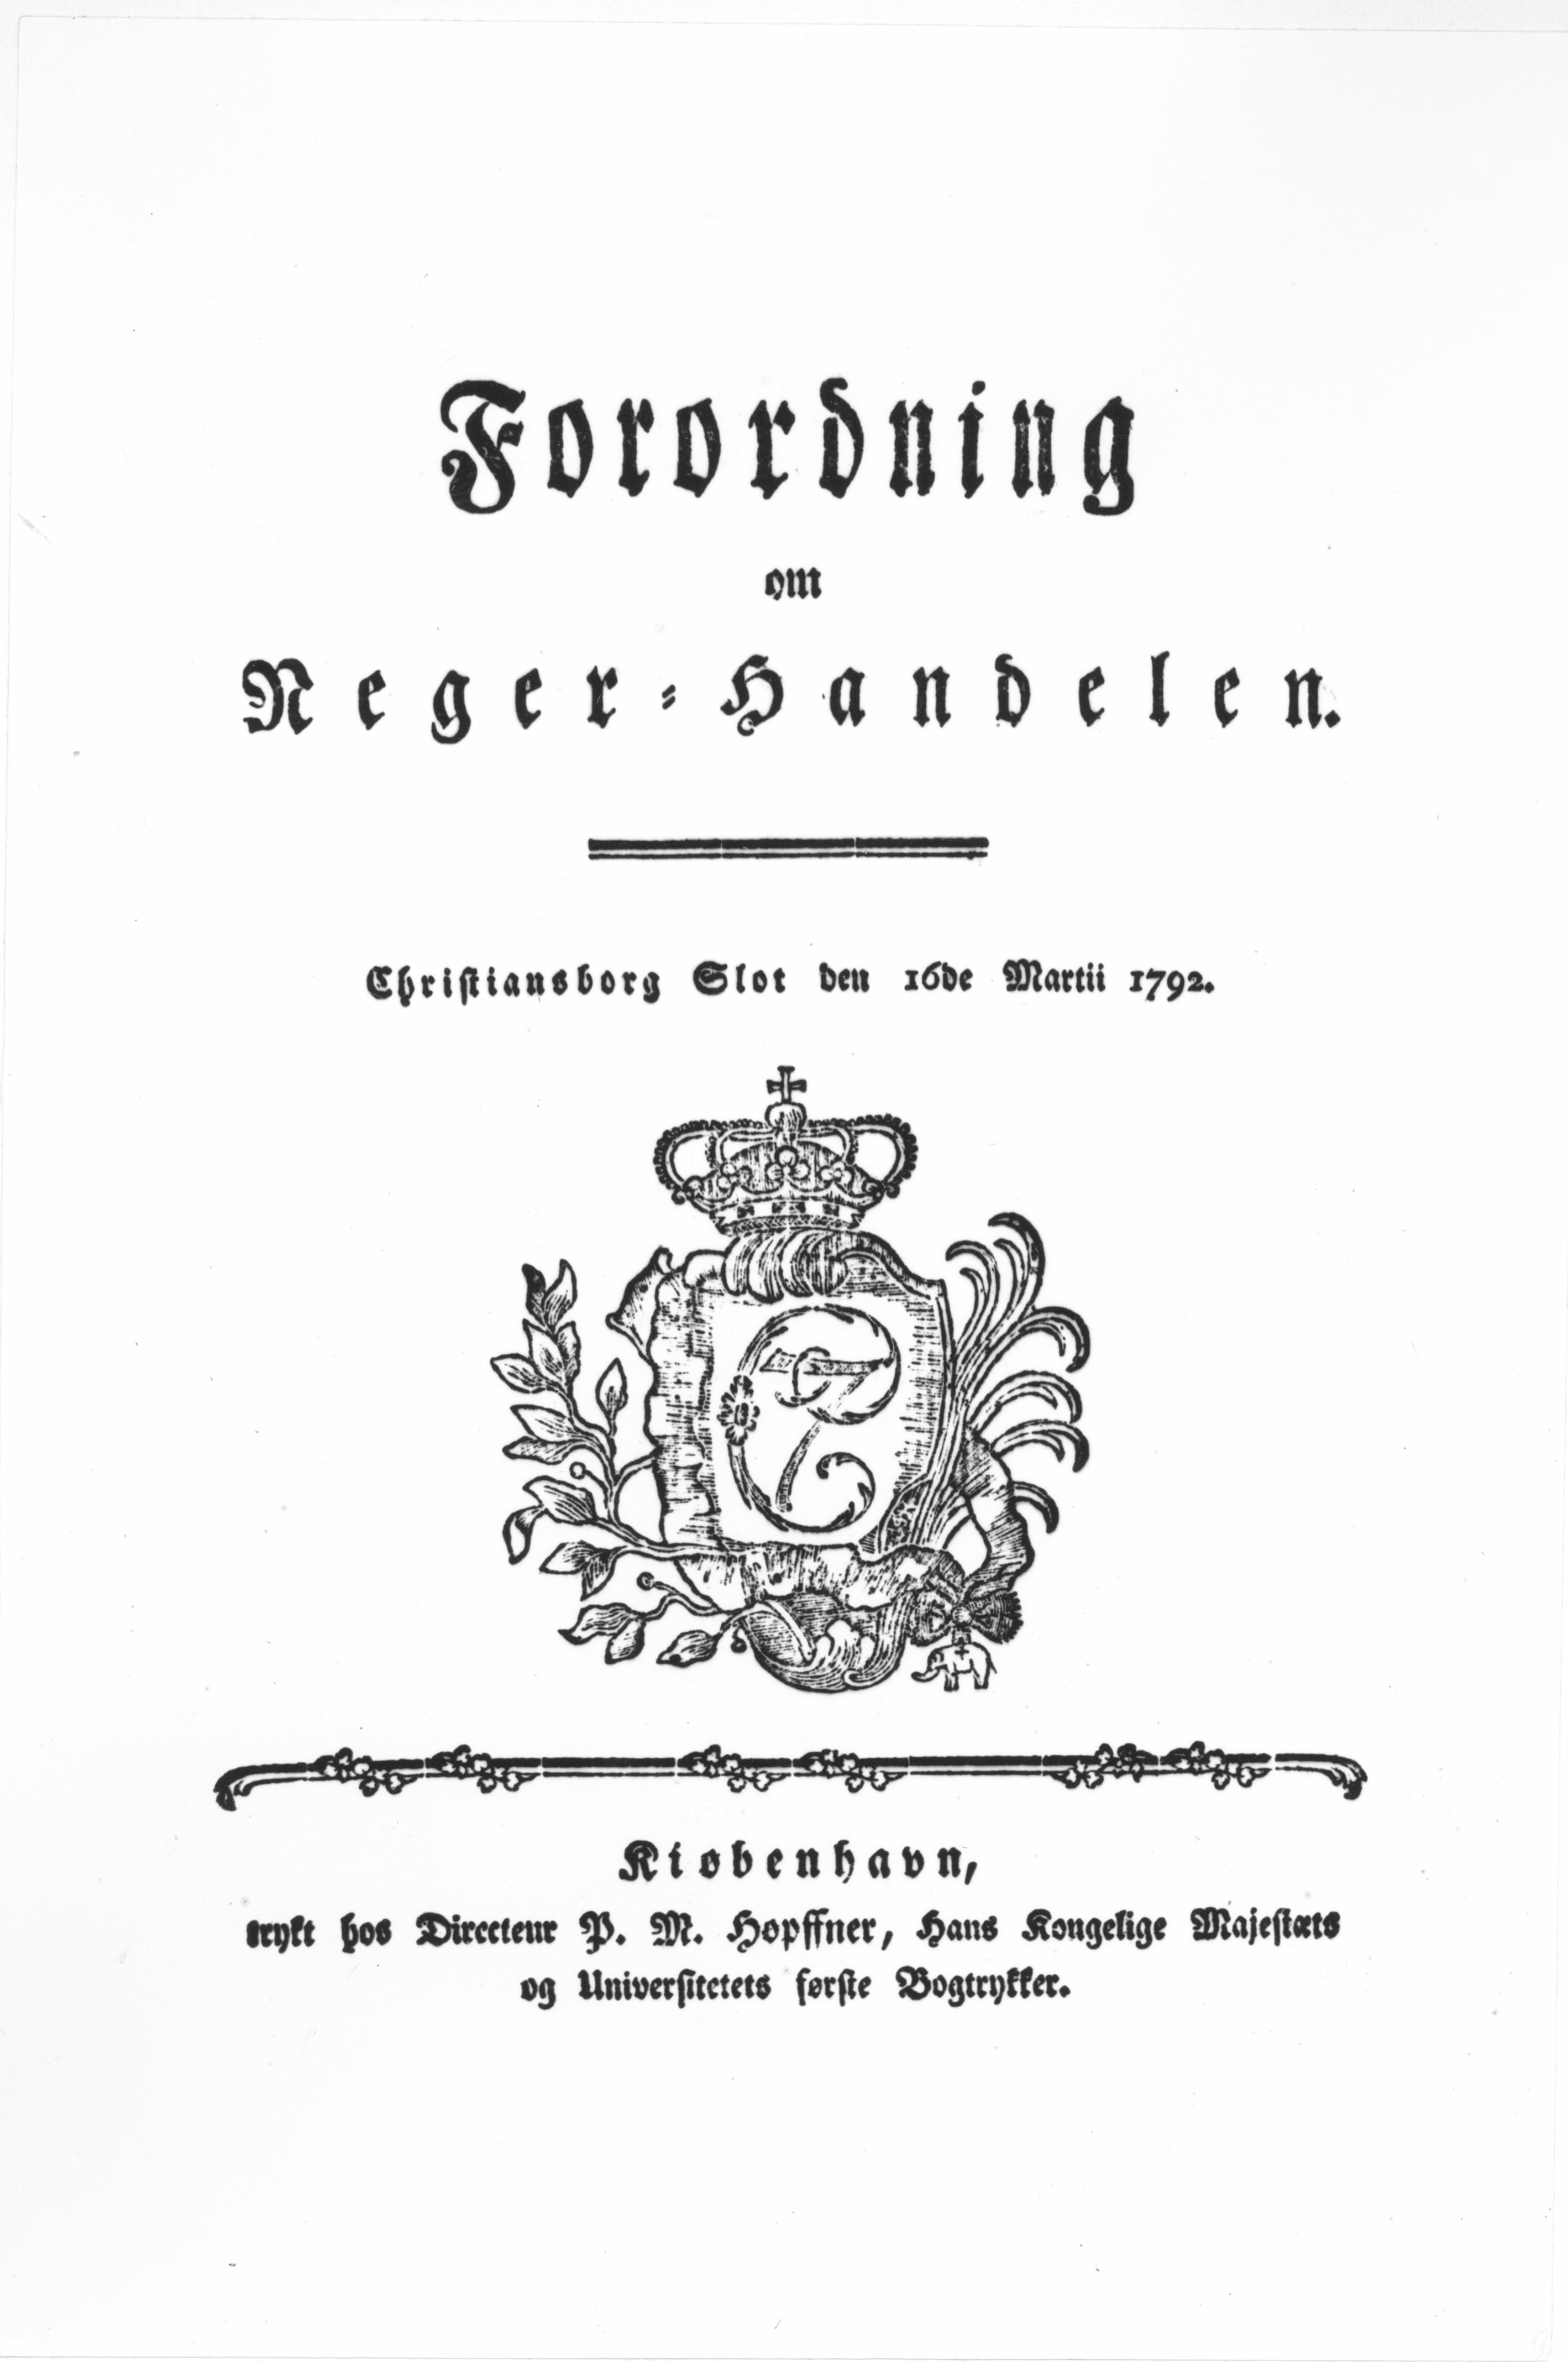 Forordning om Neger-handelen af 16. marts 1792 hvorved Christian VII forbyder slavehandlen